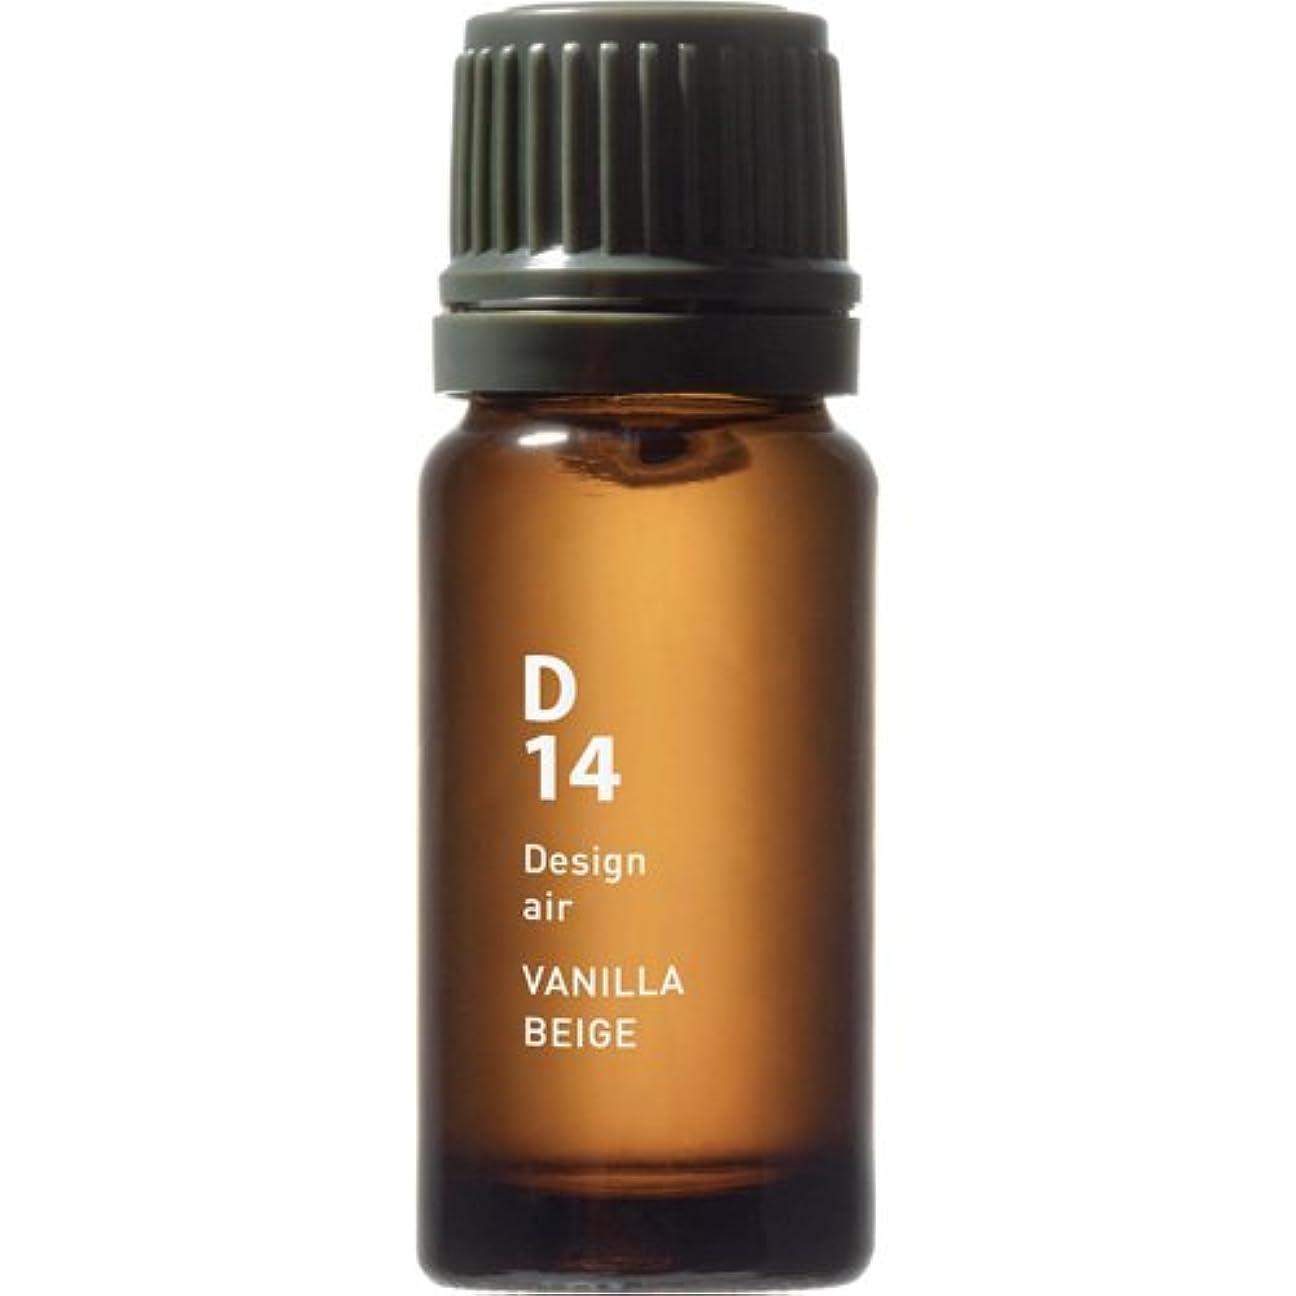 フロントツイン恥D14 VANILLA BEIGE Design air 10ml